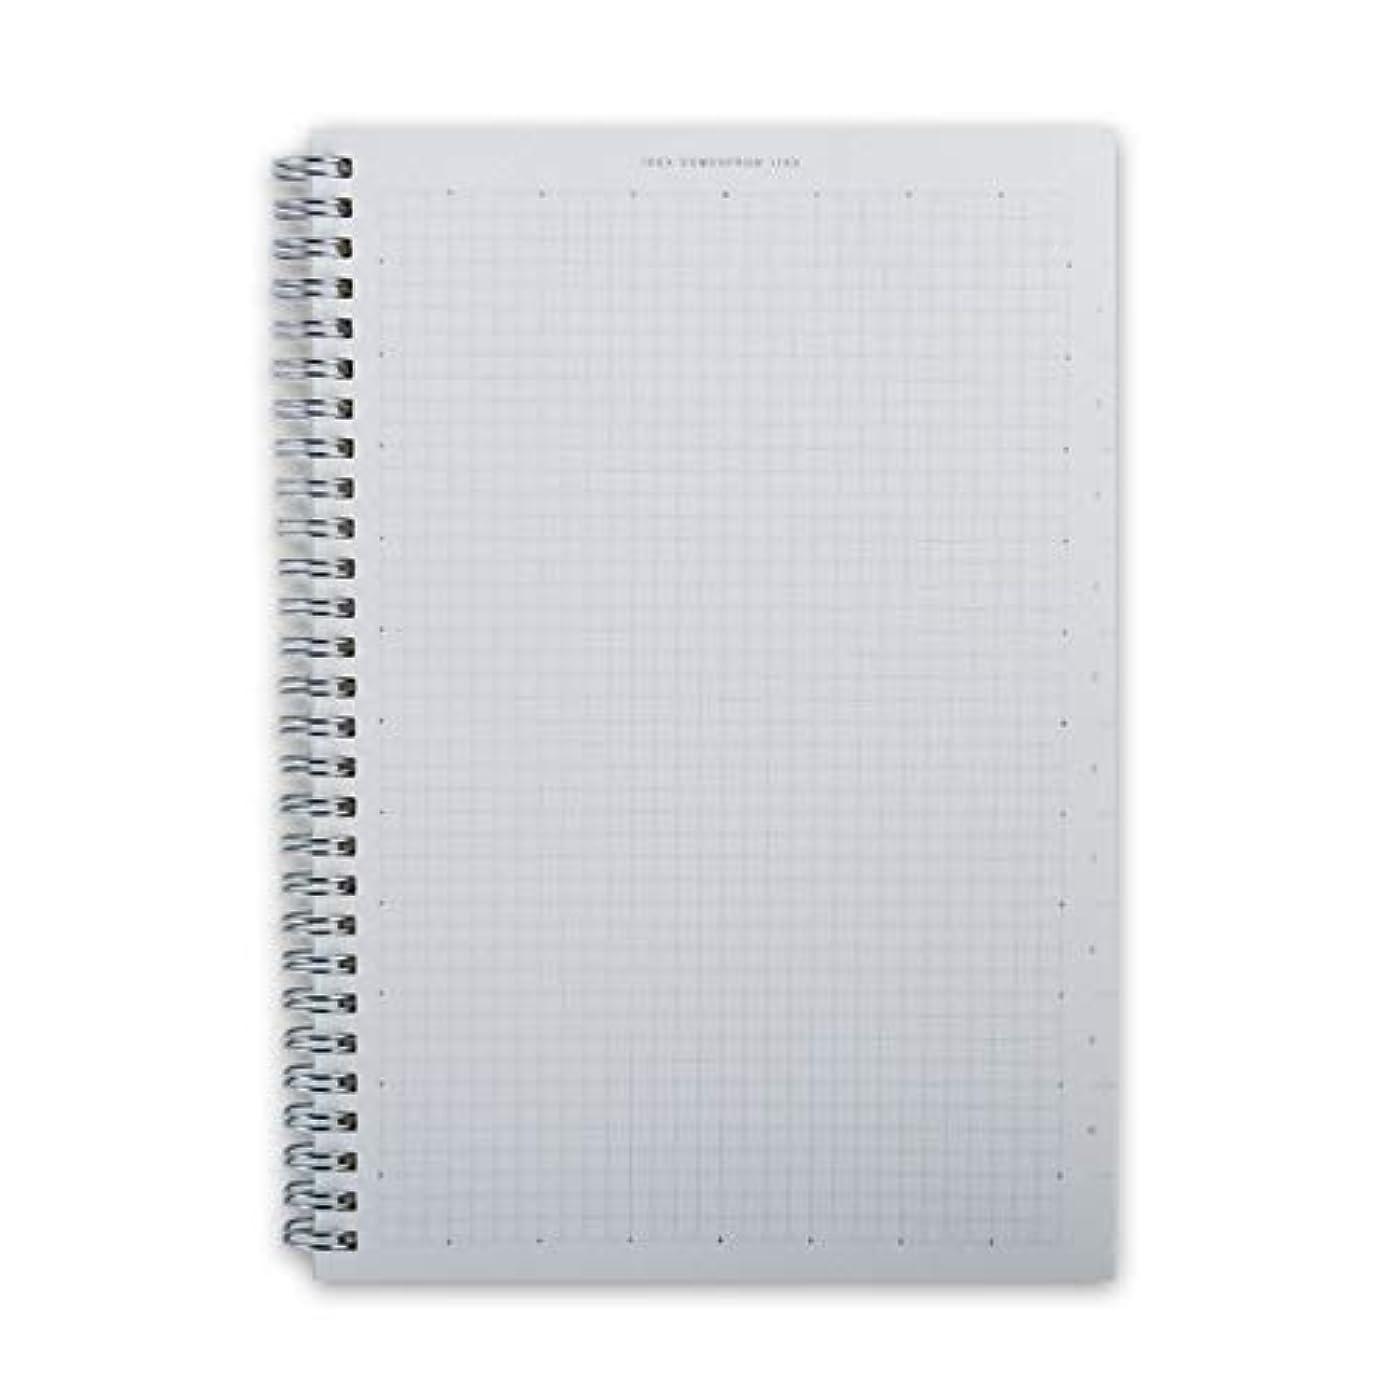 当社メイン散文Shiduoone サイジング:B5(18x26CM)(フォースクエア)新しい、骨の折れるカバードットノート包帯ウィークリープランナーアジェンダ日記スクールジャーナルスケッチブック用品 (色 : Blank)